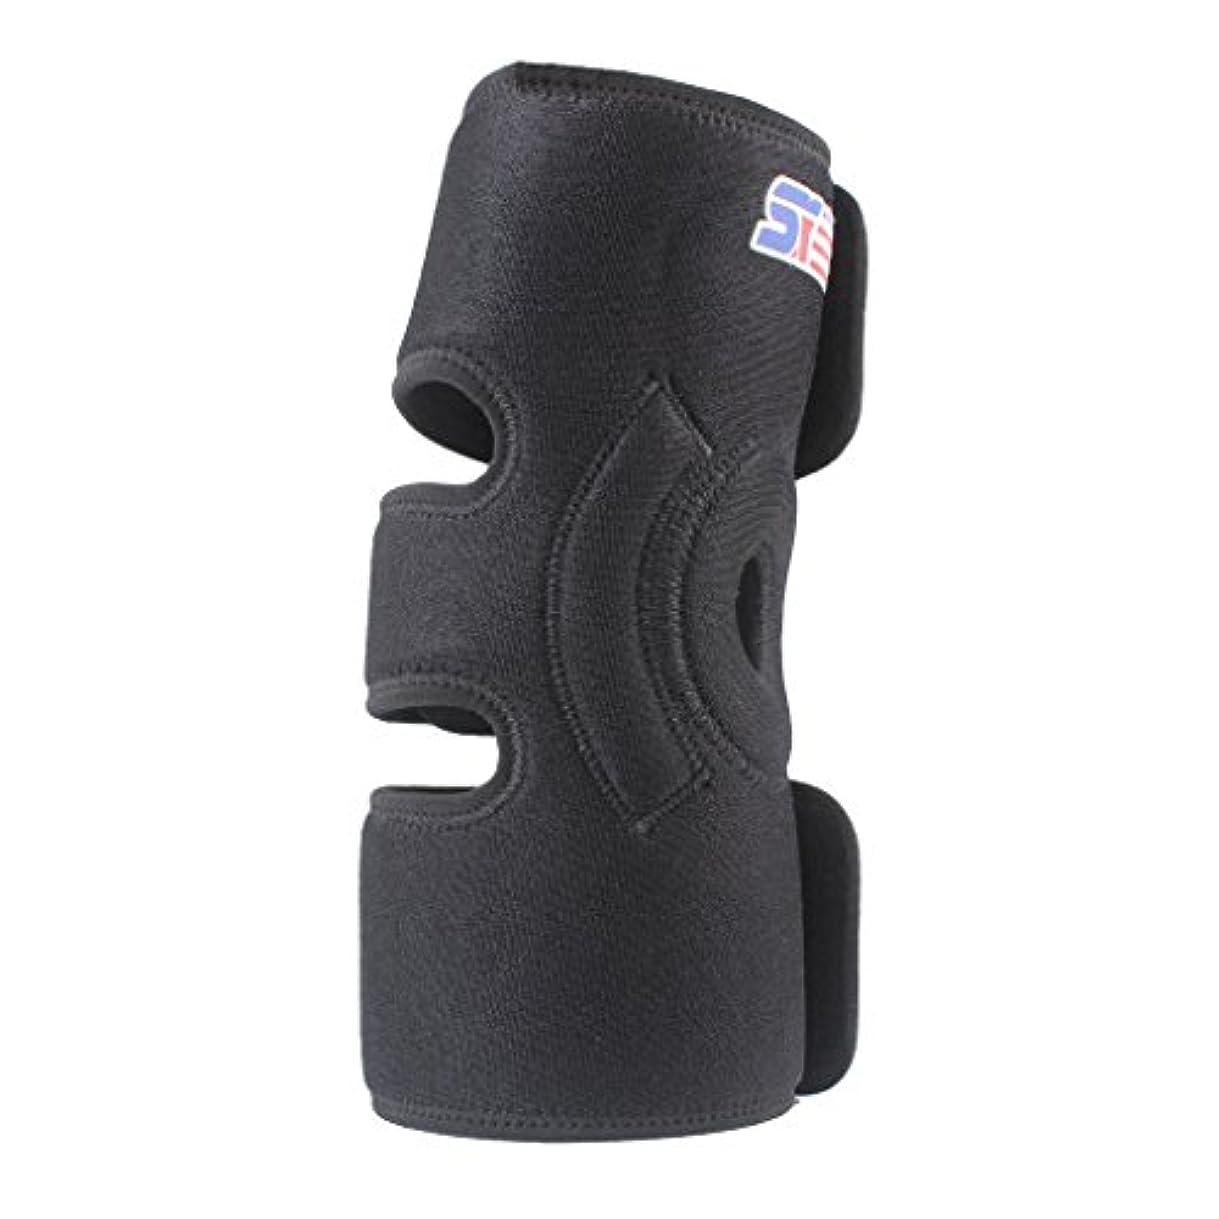 競争小説好きKesoto ニーパッド ニーブレース 調節可 スポーツサポート 膝ガード 保護ブレース プロテクター 2つのスプリング付き